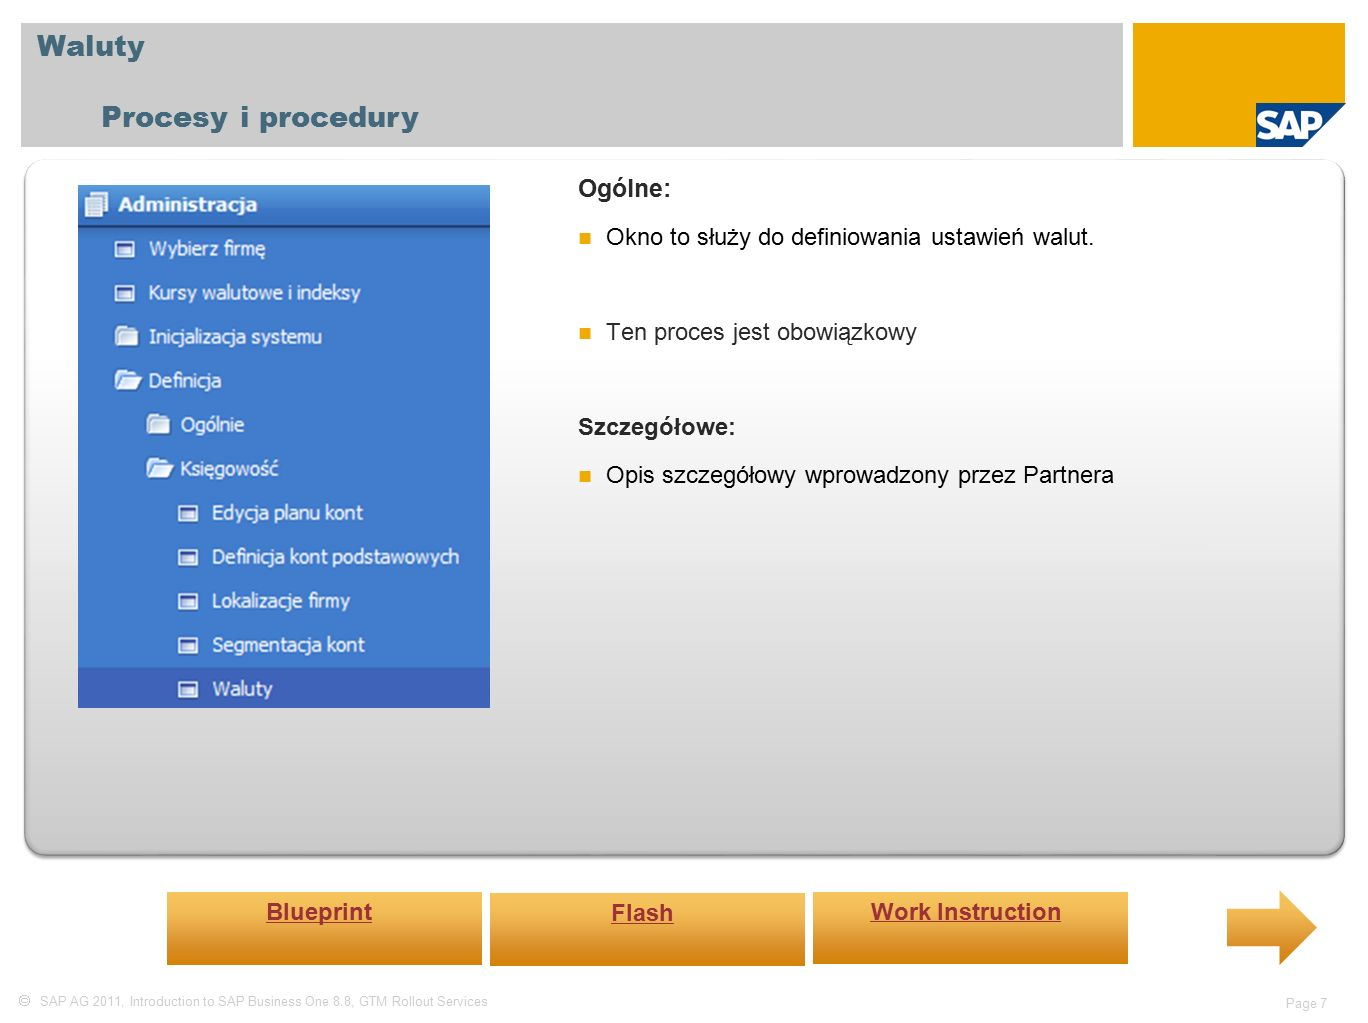  SAP AG 2011, Introduction to SAP Business One 8.8, GTM Rollout Services Page 7 Waluty Procesy i procedury Ogólne: Okno to służy do definiowania ustawień walut.